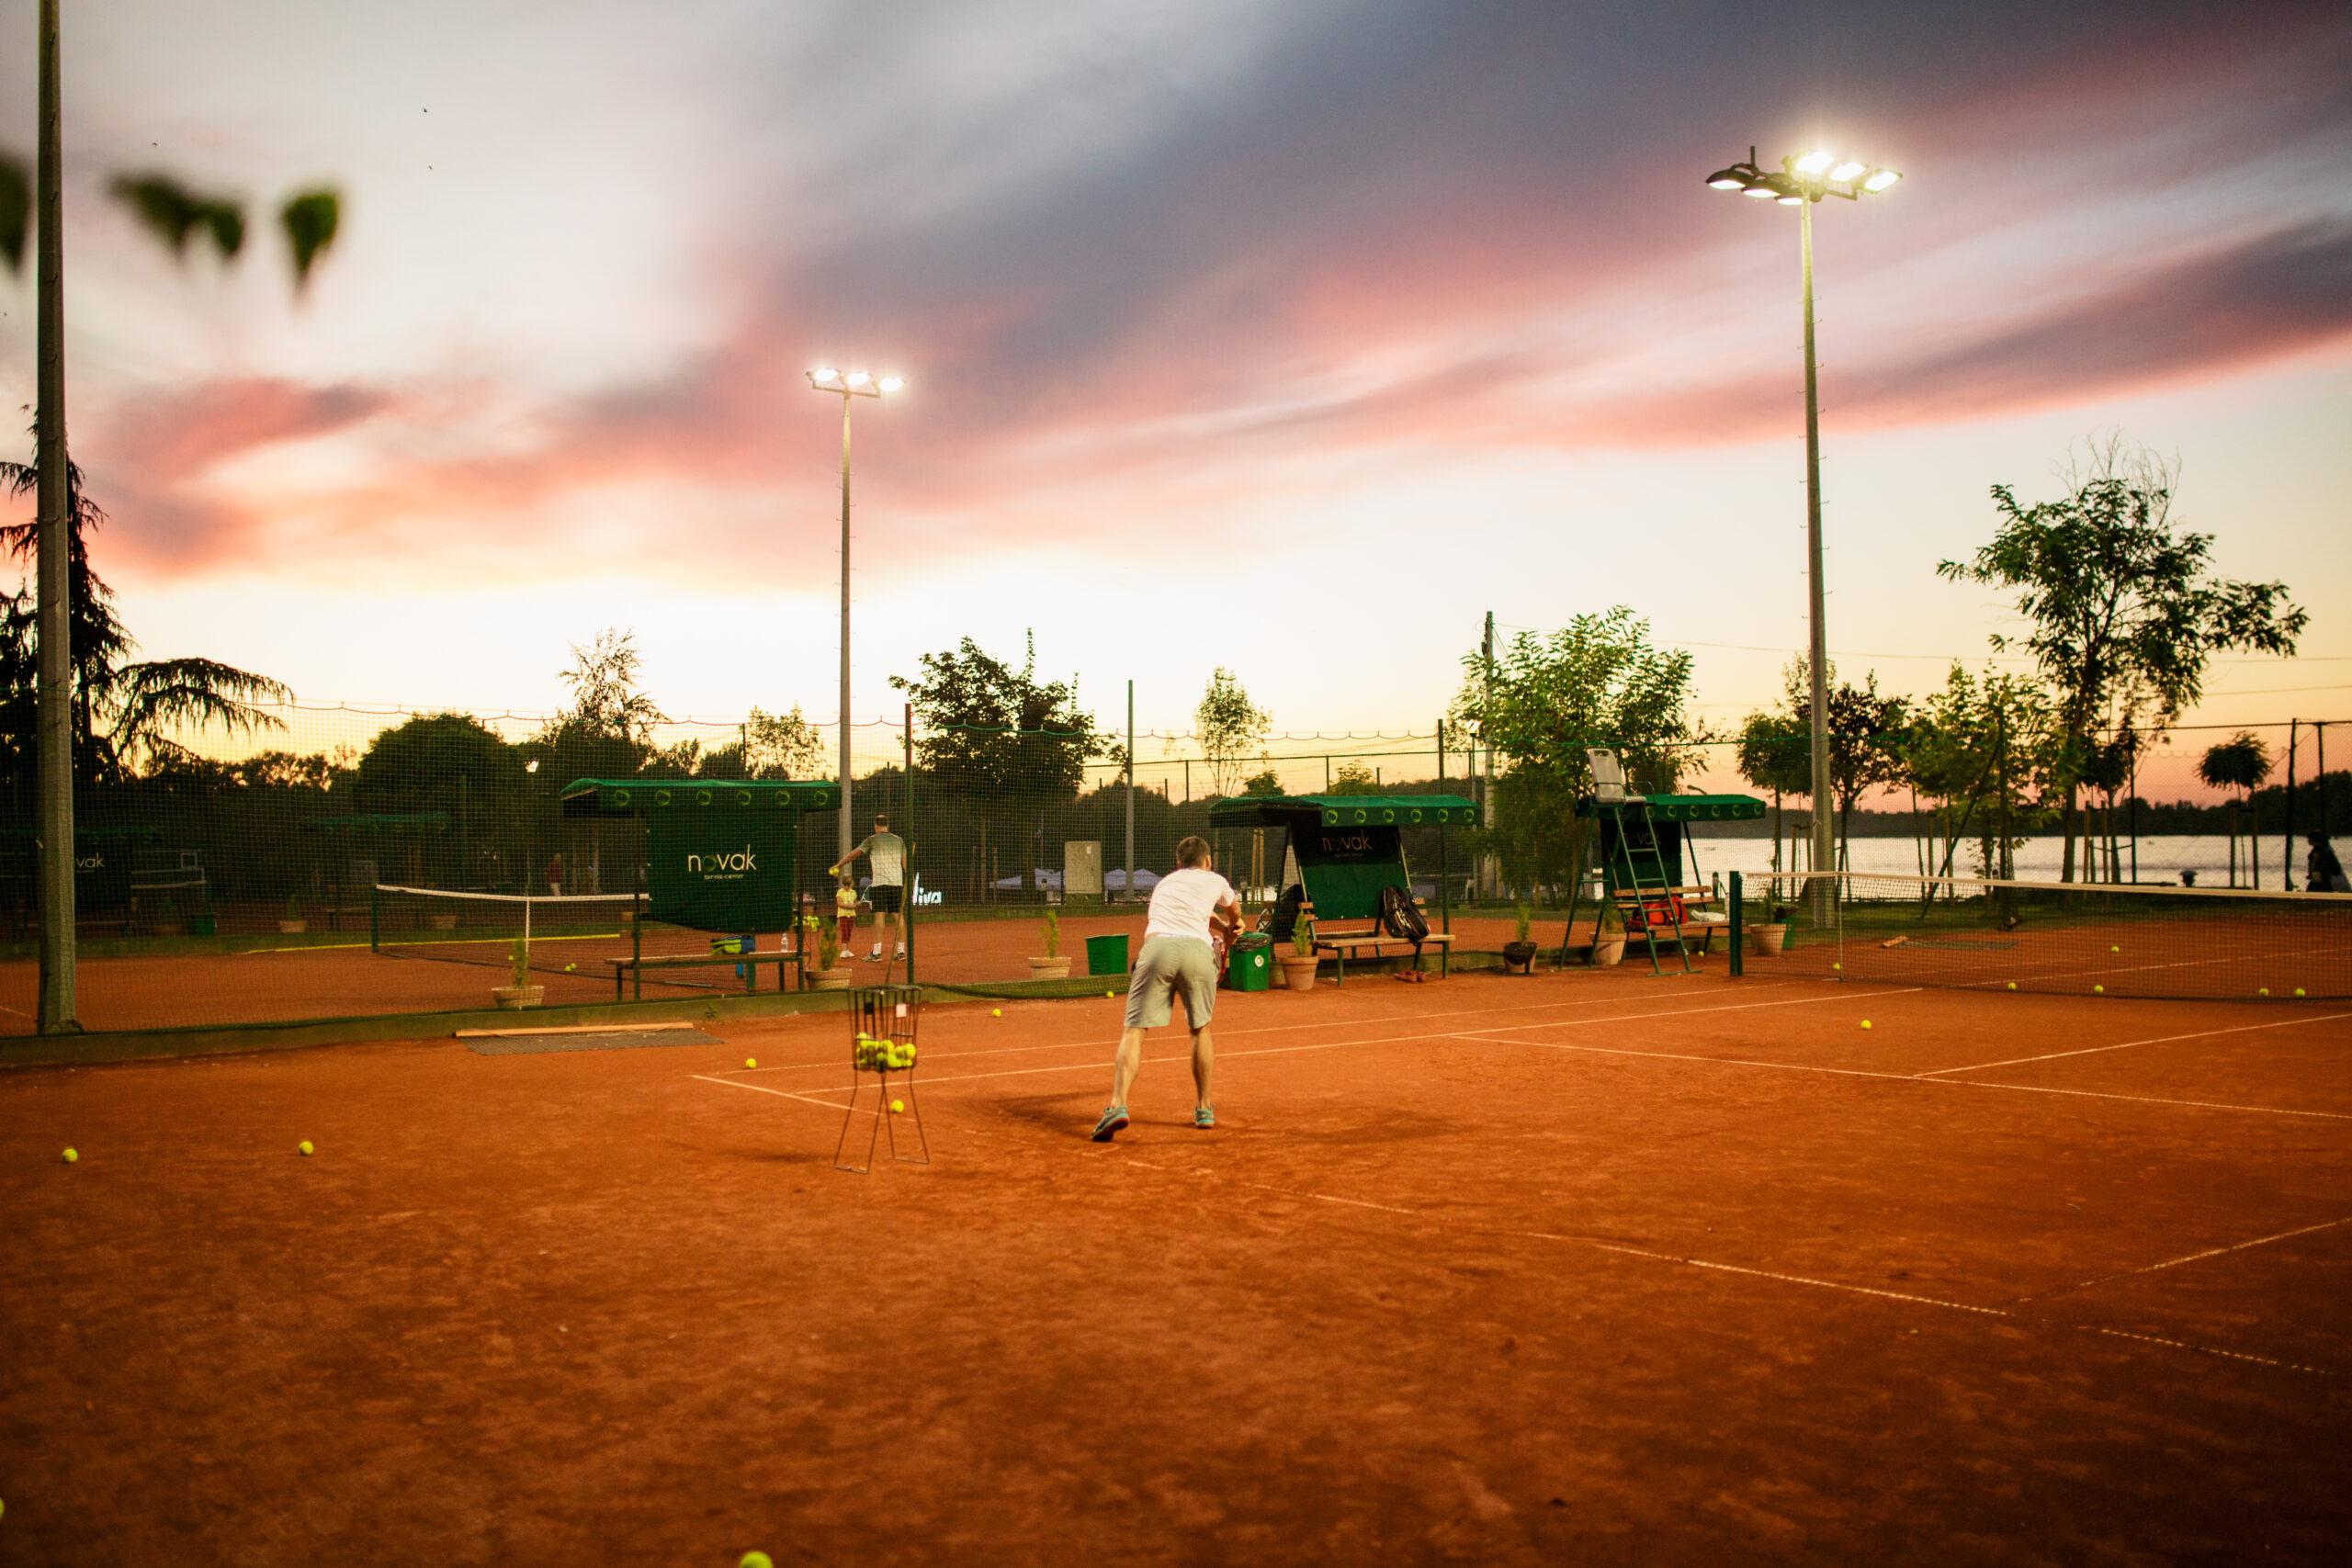 novak-tennis-center